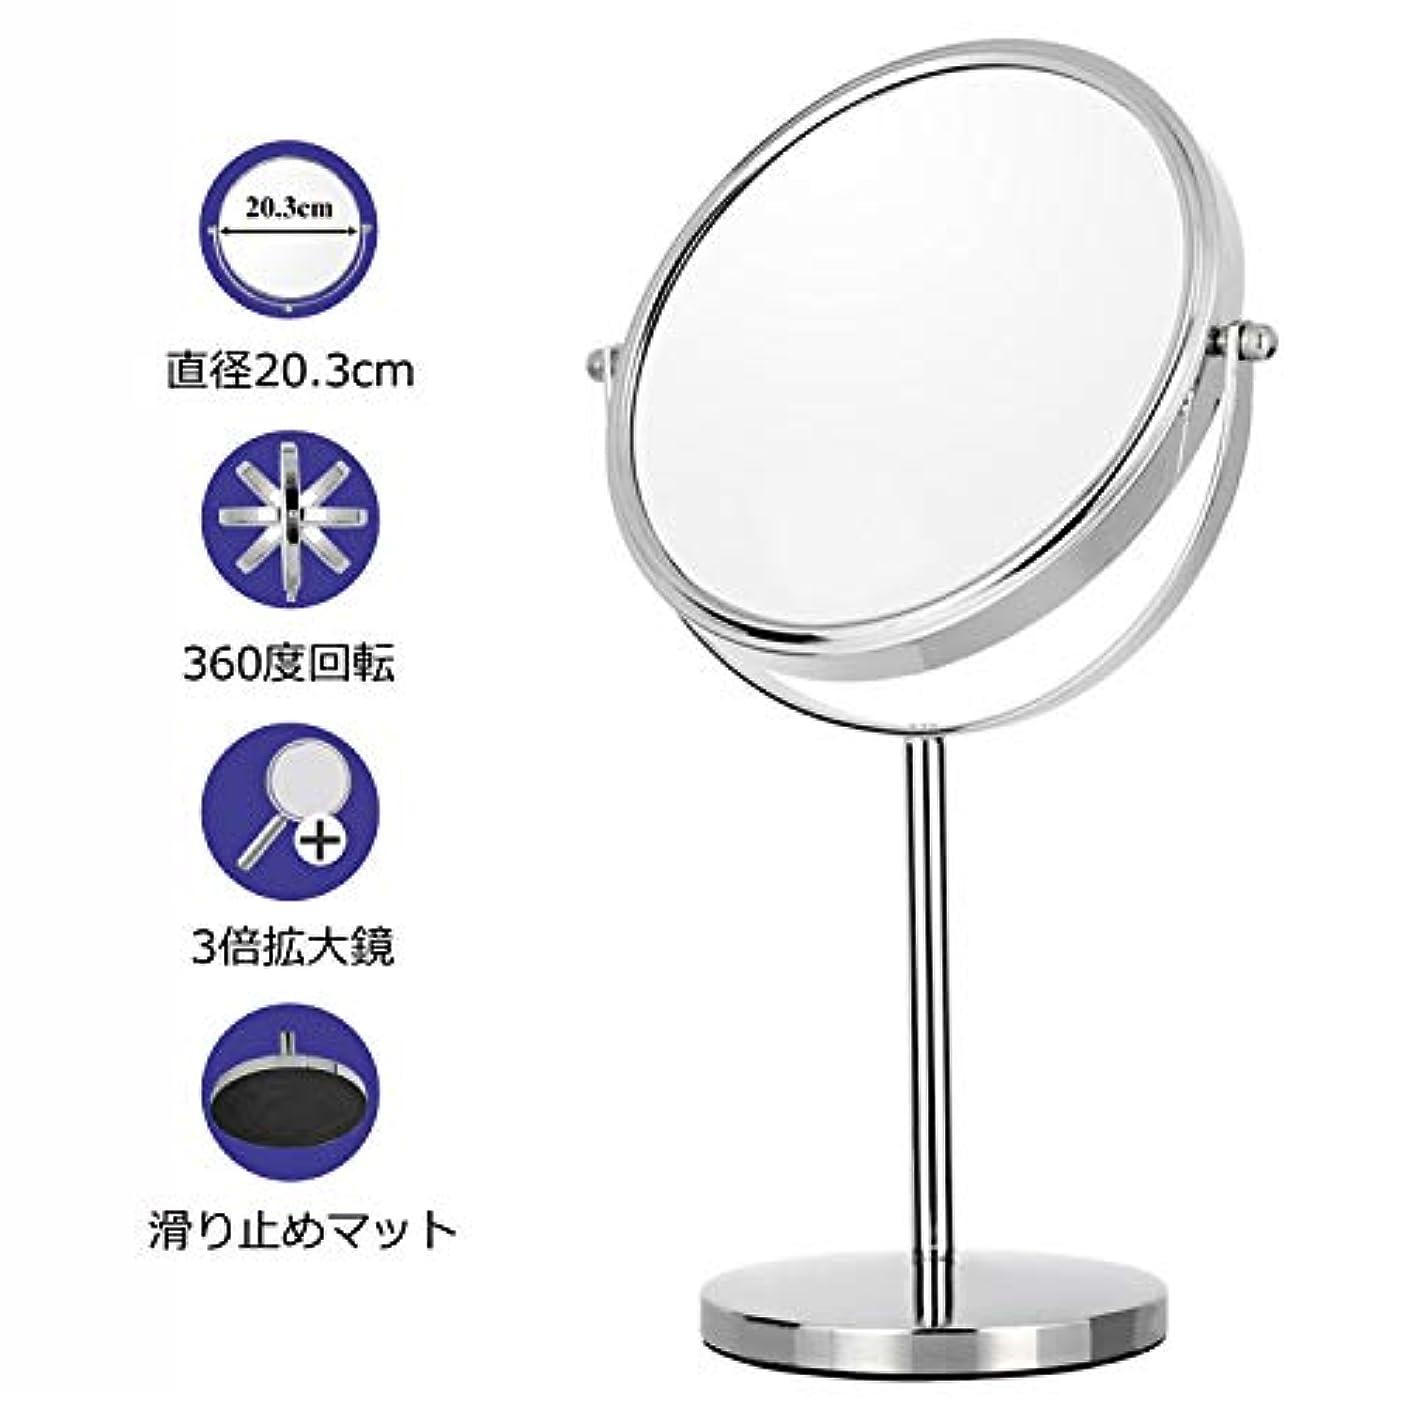 グリットスマイル評価可能鏡 卓上 拡大鏡付き 3倍卓上鏡 真実の両面鏡 浴室鏡 ミラー 360度回転 スタンドミラー クロム 鏡 (鏡面23.2cm)